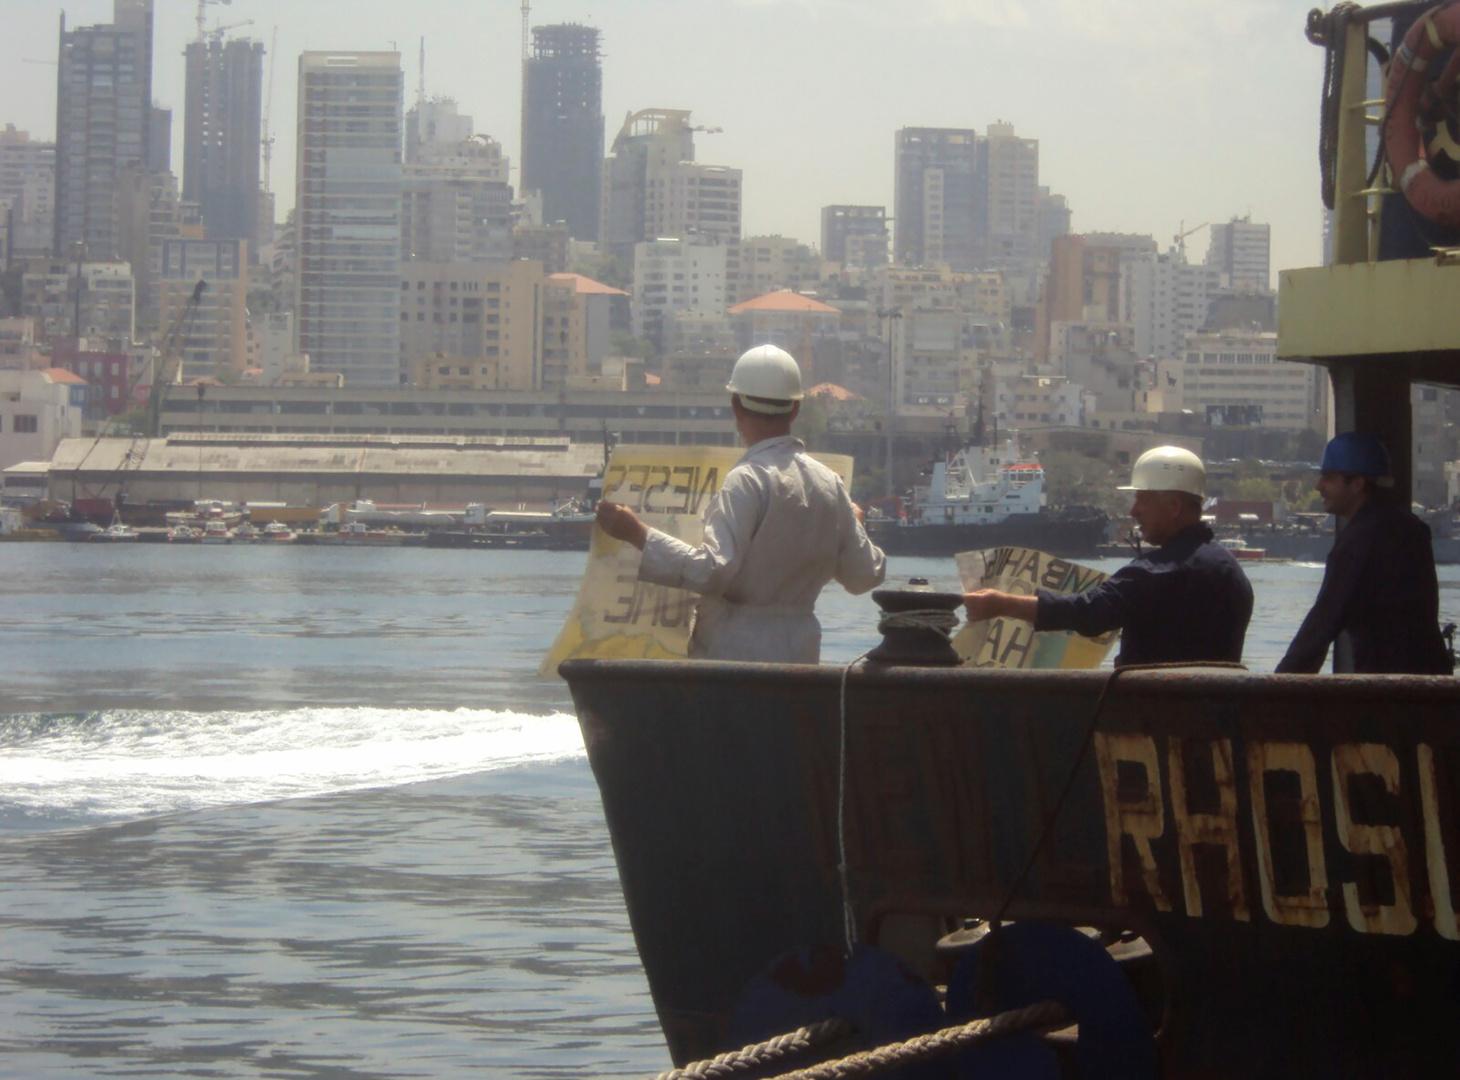 القبطان السابق للسفينة التي حملت نترات الأمونيوم إلى بيروت: أنا مصدوم مما يجري..